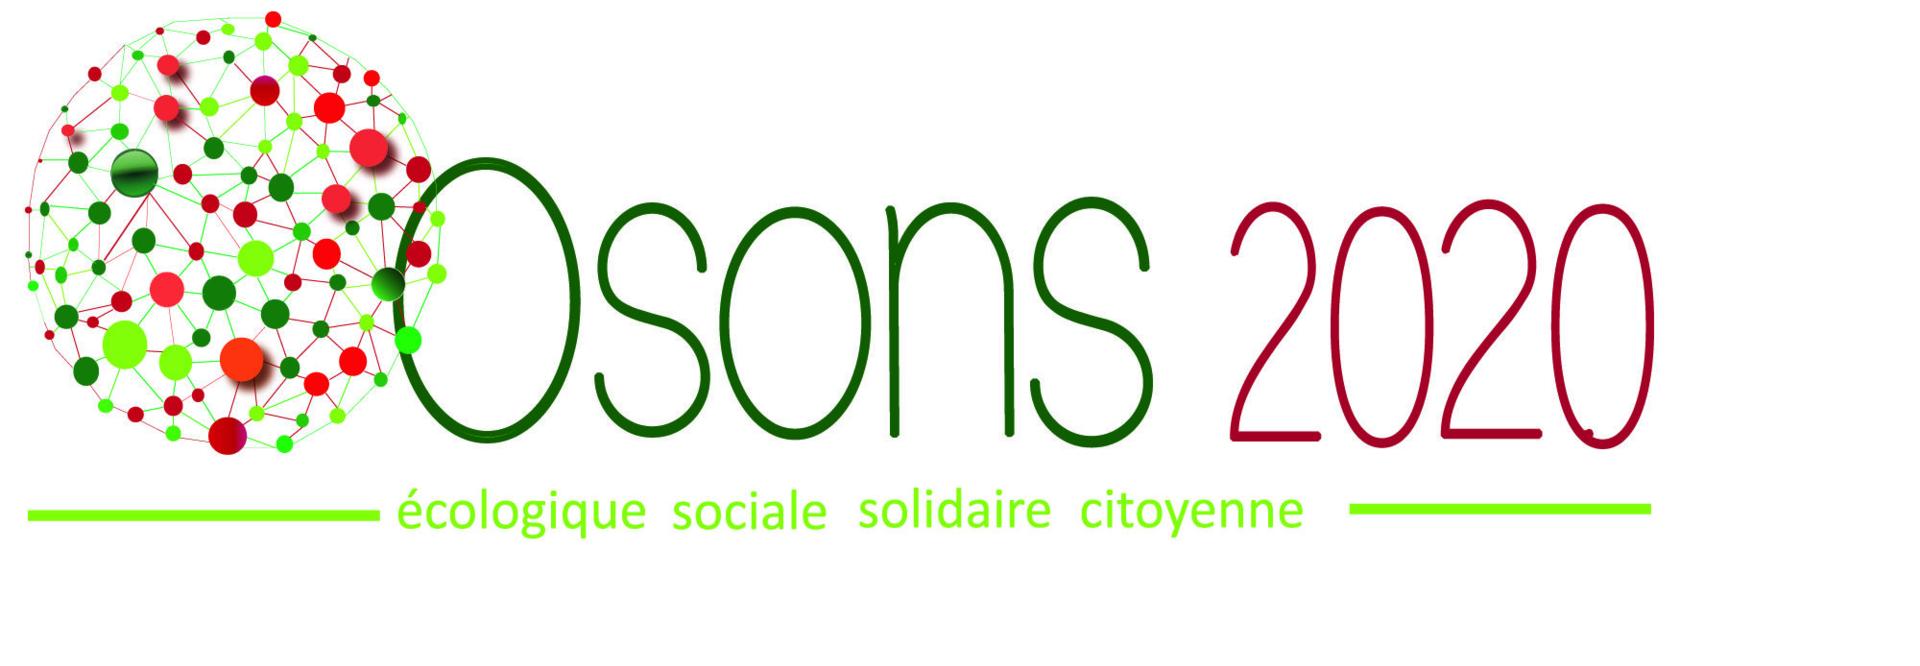 co-voiturage, PCAET, pub, eau : les communiqués d'Osons 2020 de l'été